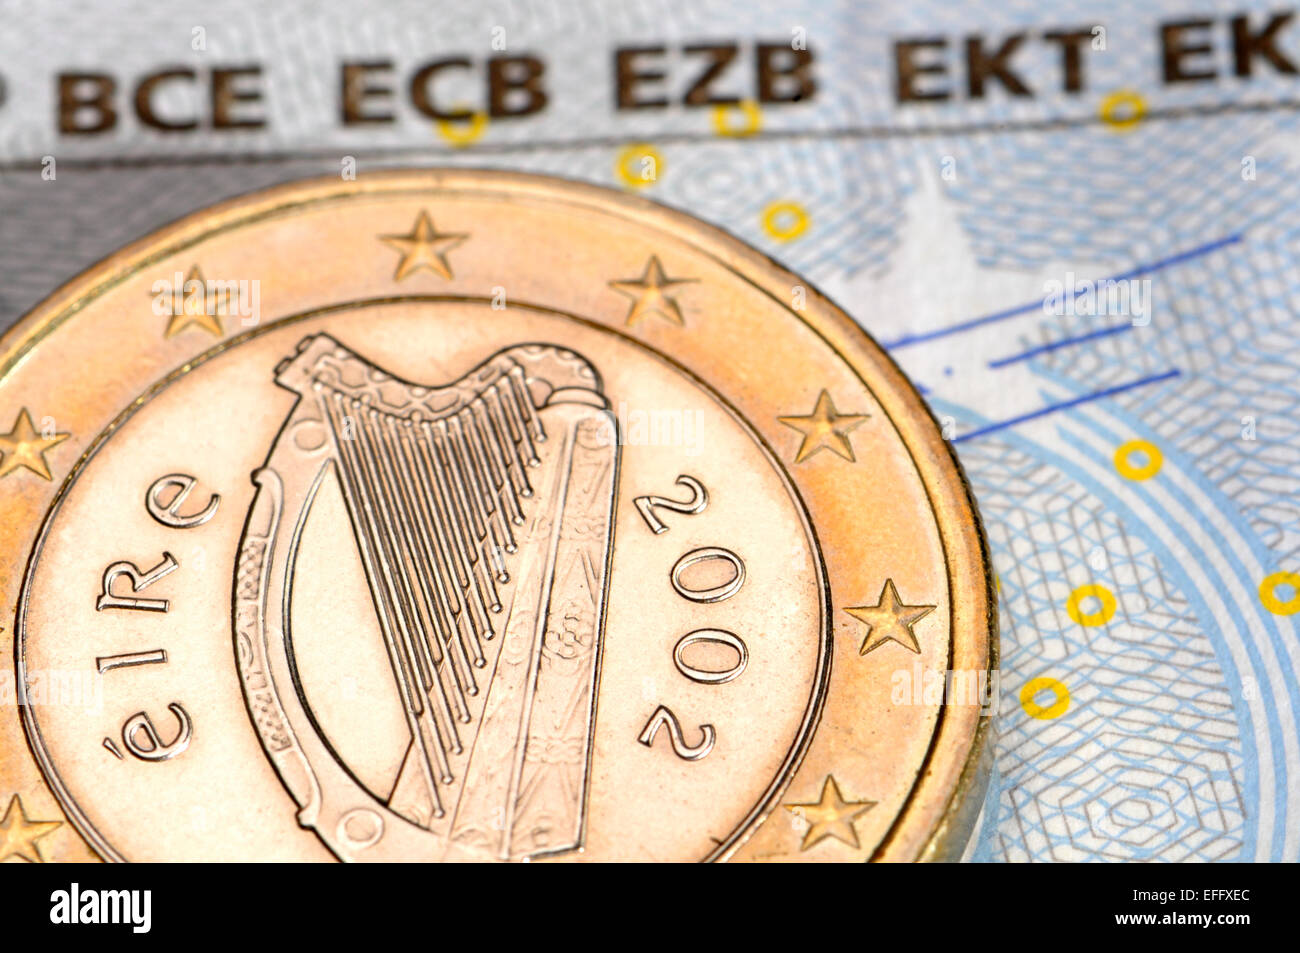 Irische Euro Münzen Auf 5 Hinweis Stockfoto Bild 78411380 Alamy